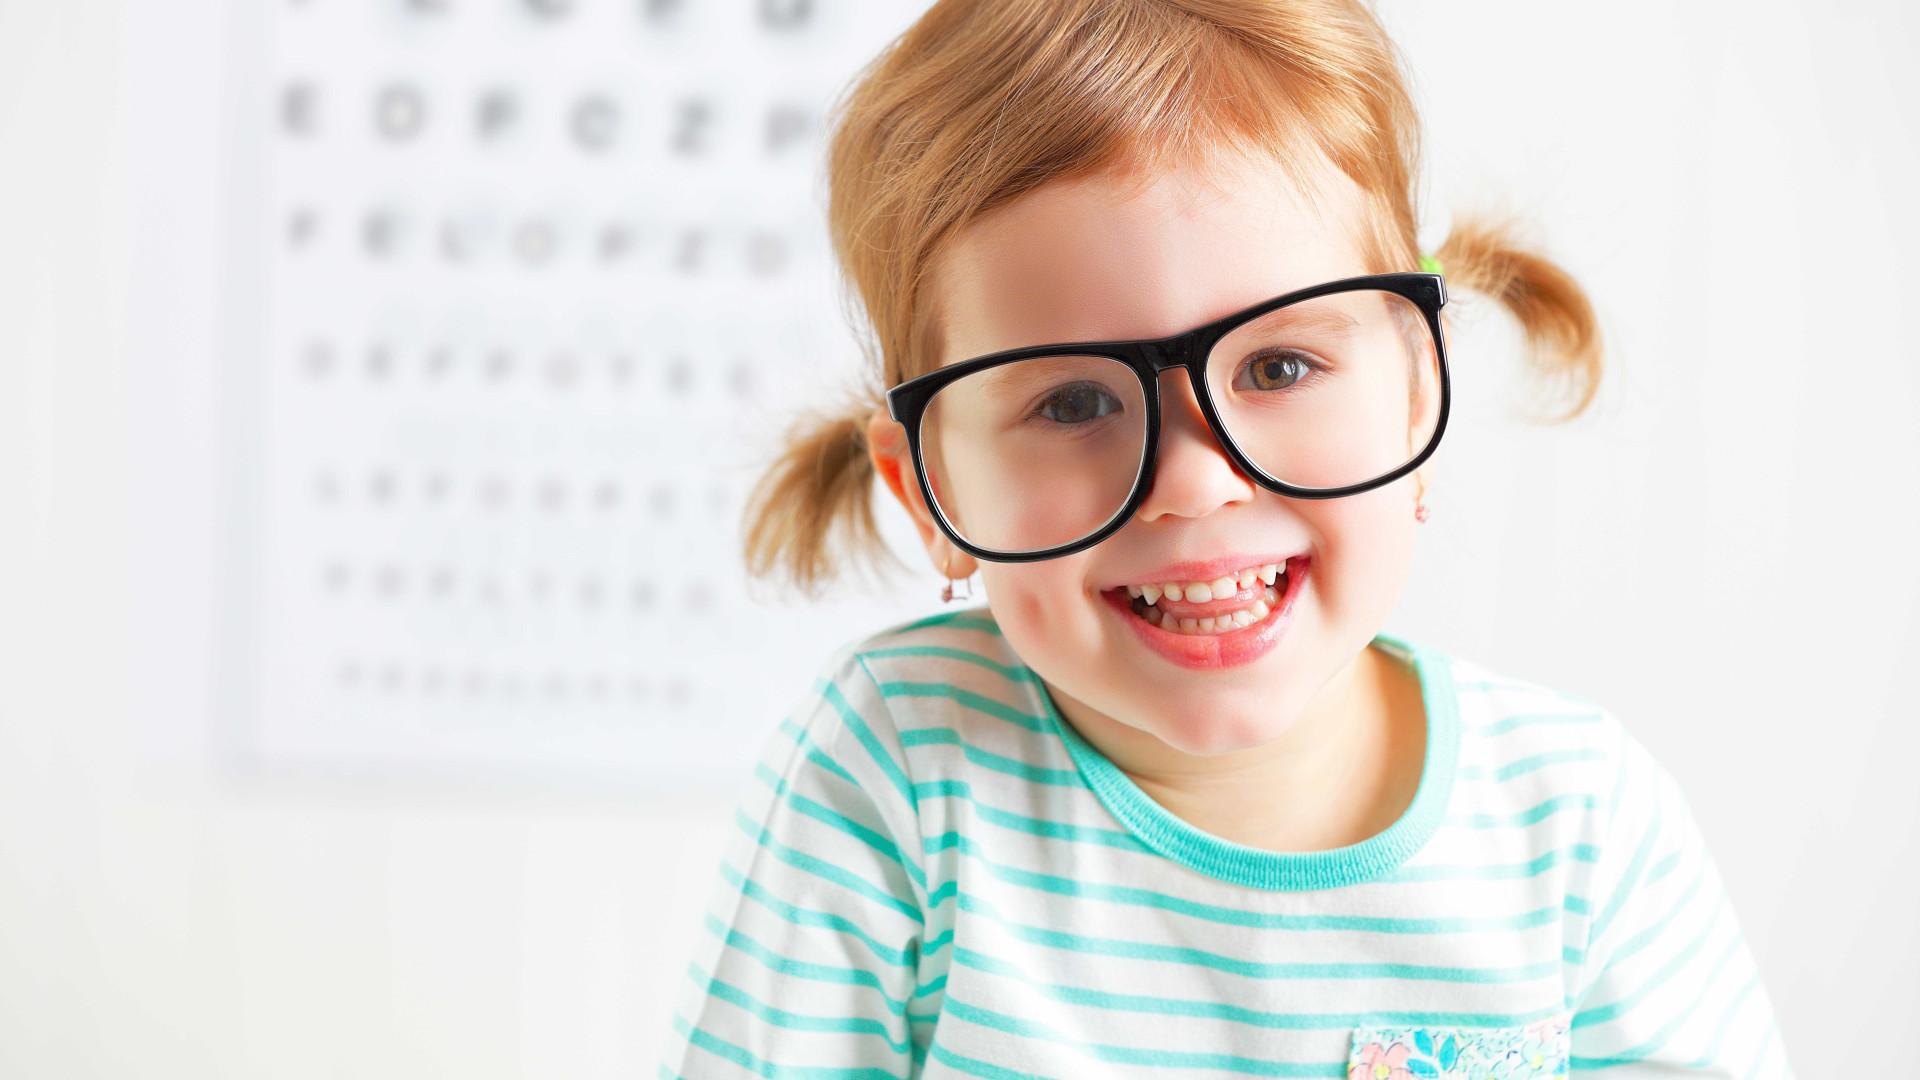 Saúde visual da criança e aumento da miopia preocupam oftalmologistas